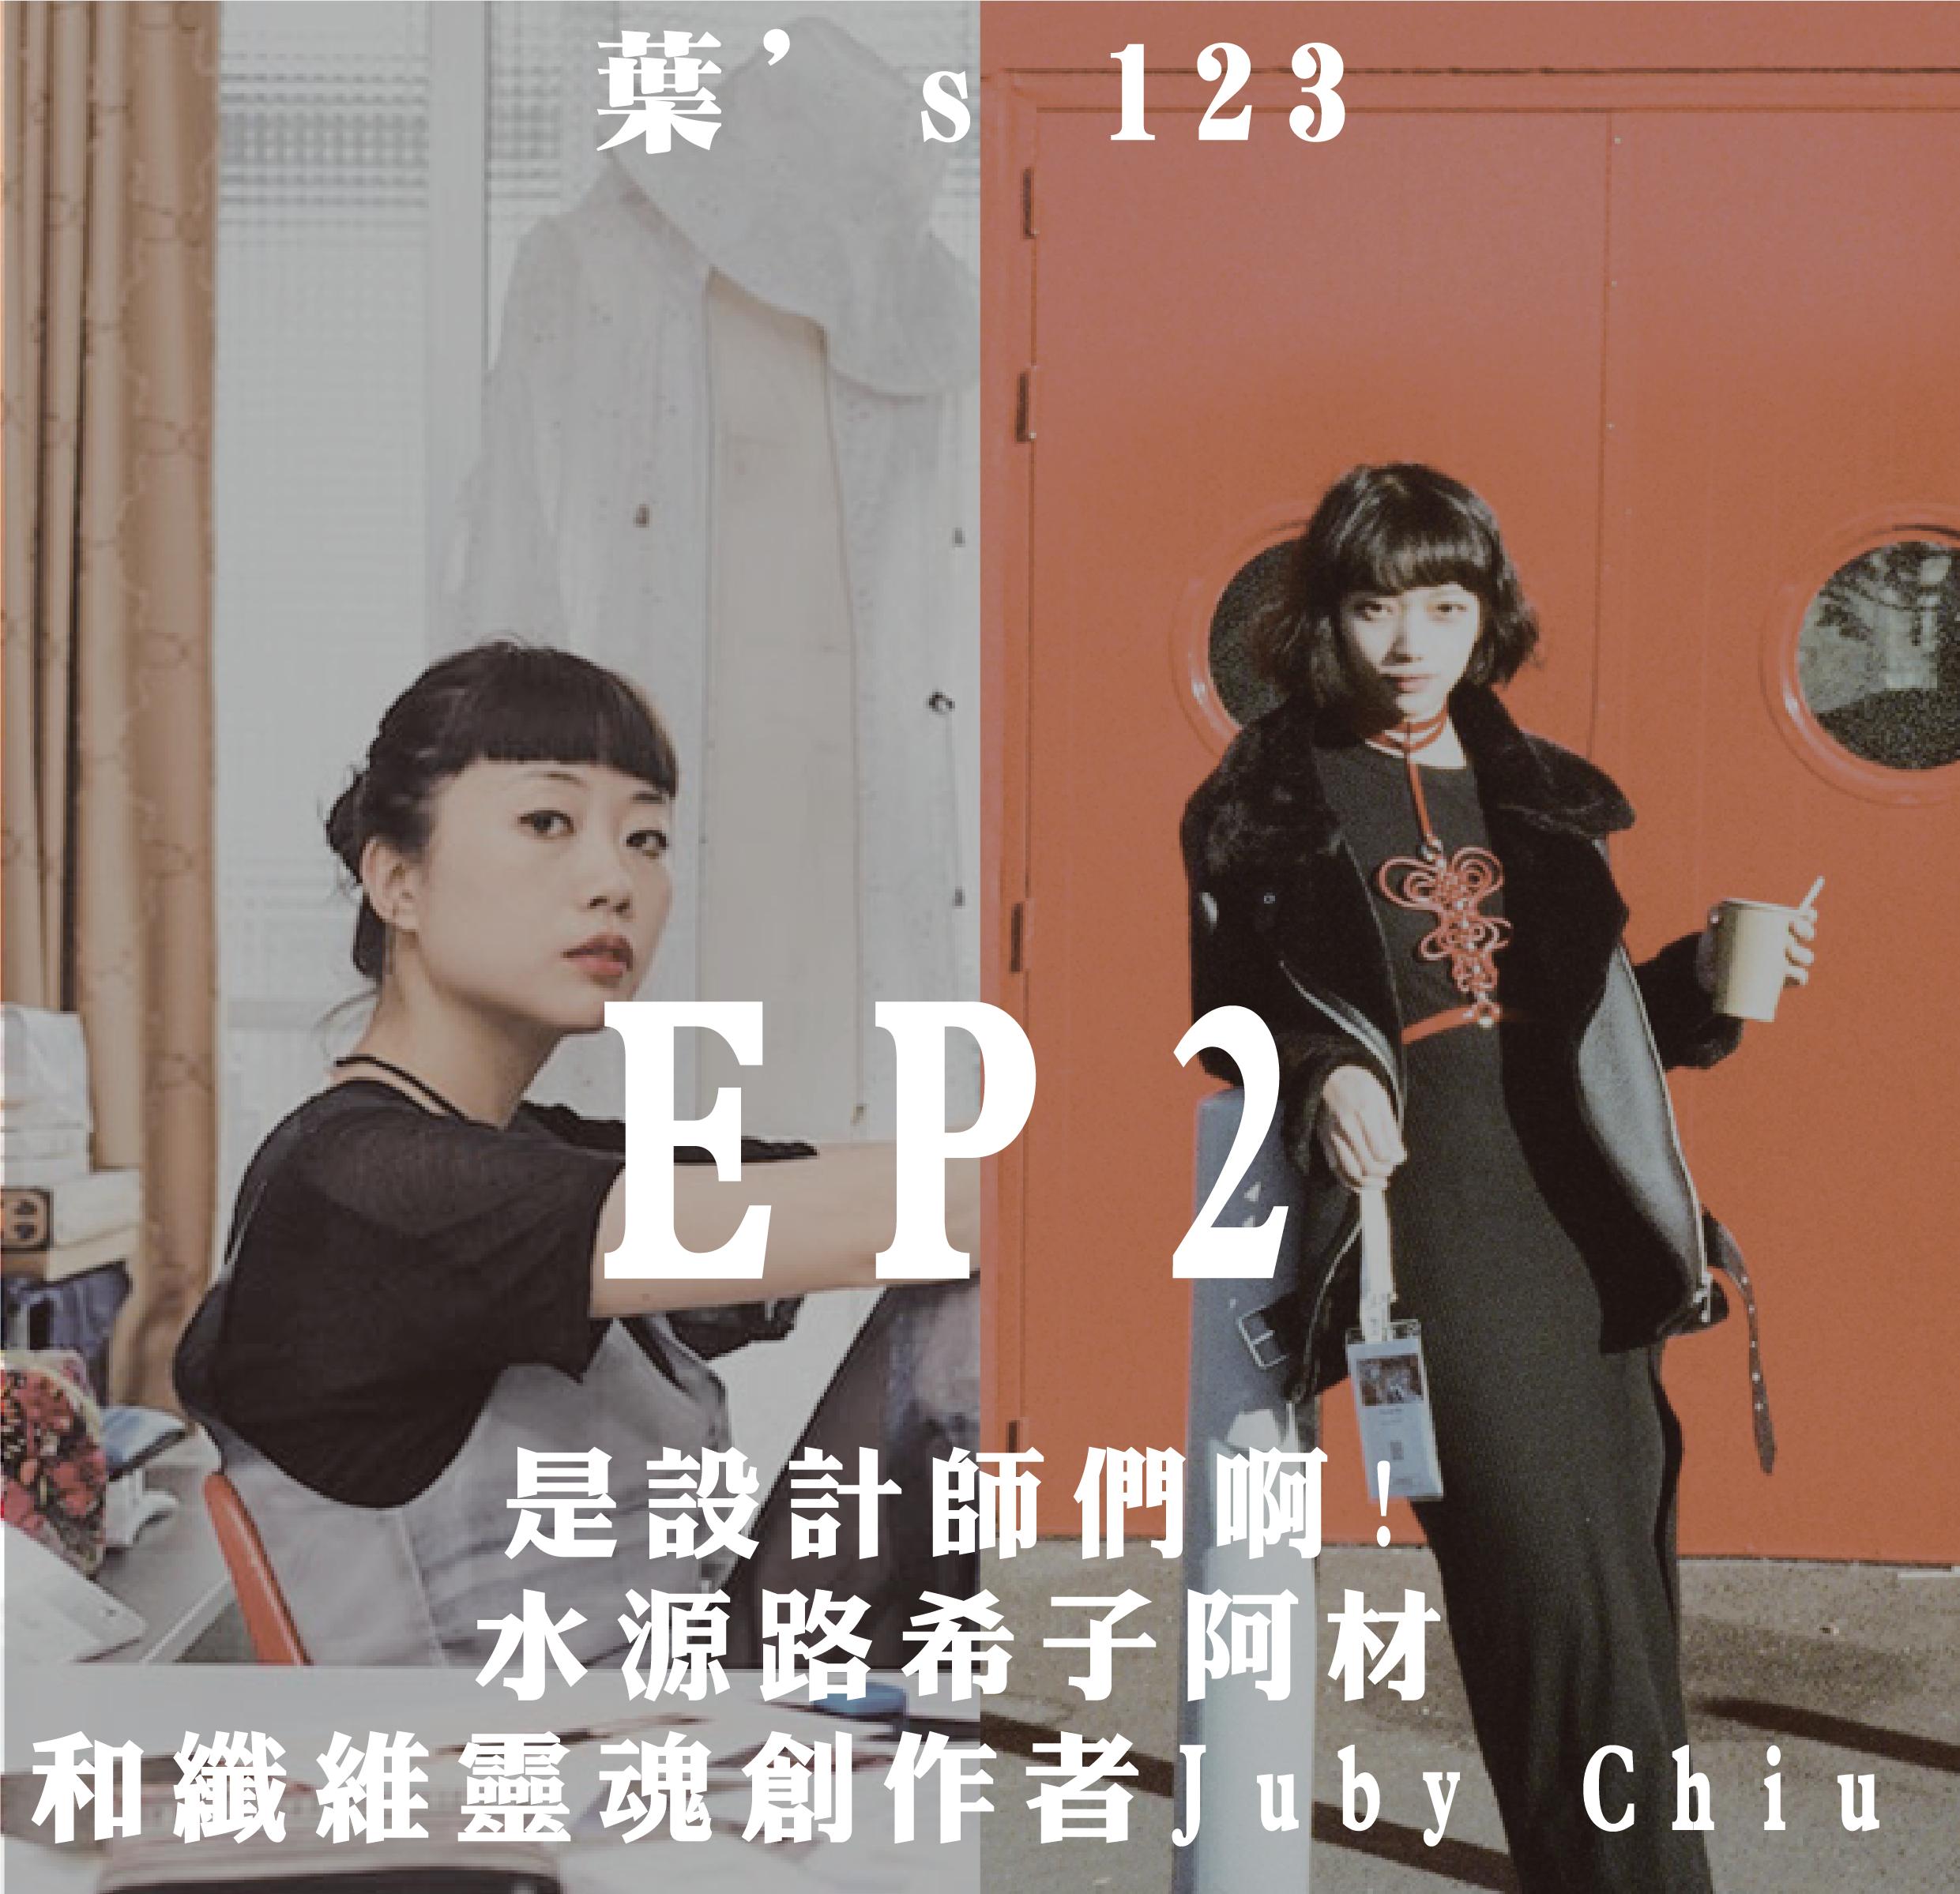 [葉's 123 ]EP02 (ft.水源路希子 & Juby Chiu):是設計師們啊!水源路希子阿材和纖維靈魂創作者 Juby Chiu